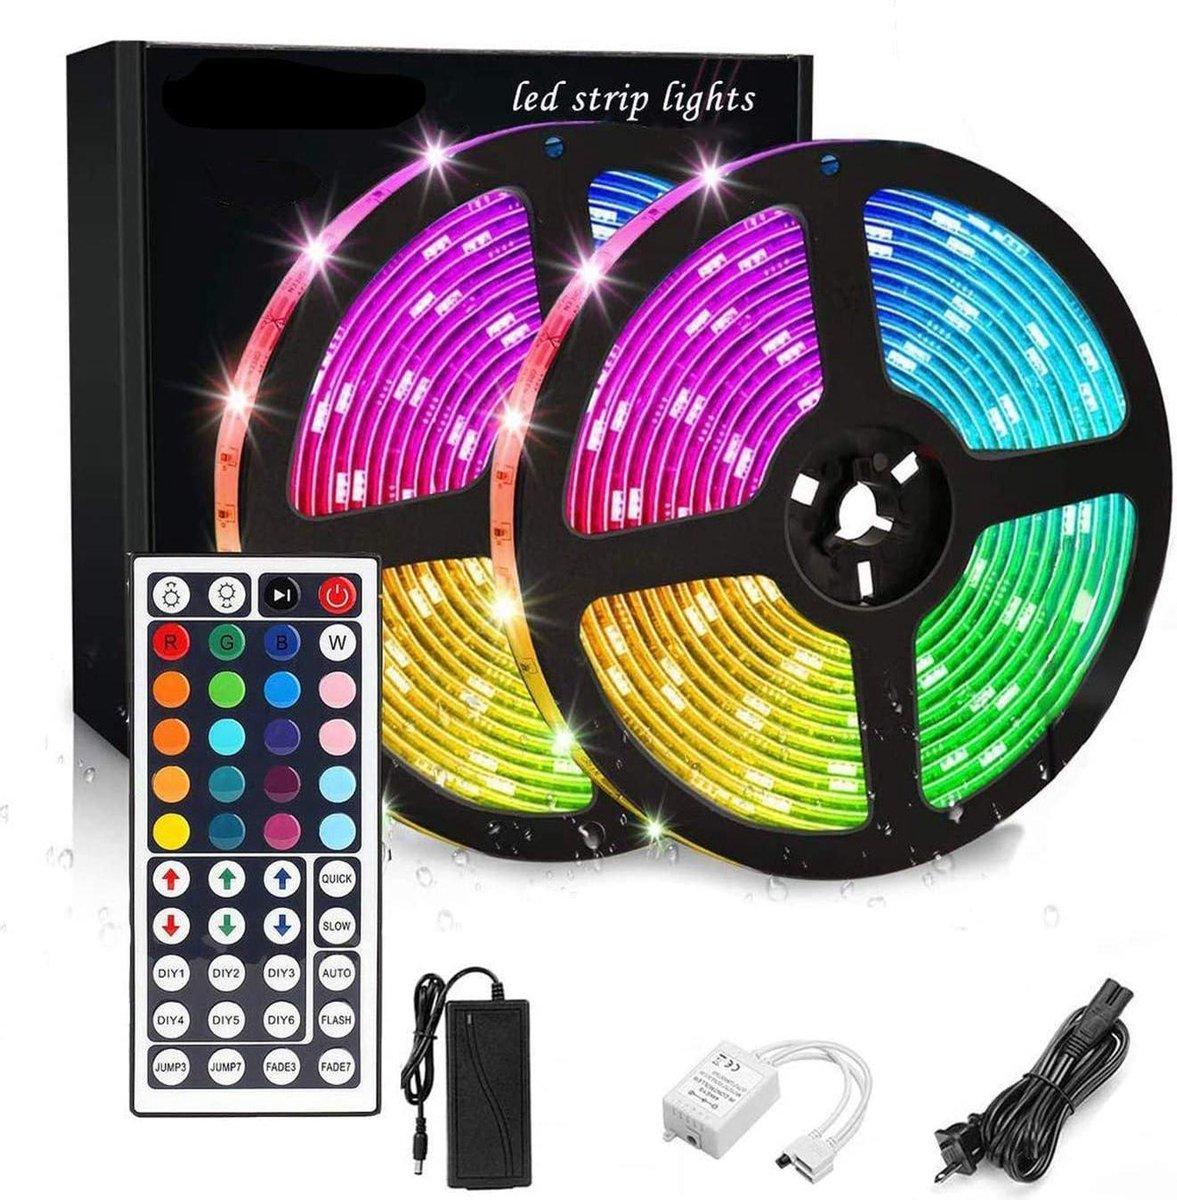 2835 Wick Waterproof LED Light Strip 10 meter - 16 kleuren lichtstrip - dimbaar - inclusief 44 toetsen afstandsbediening